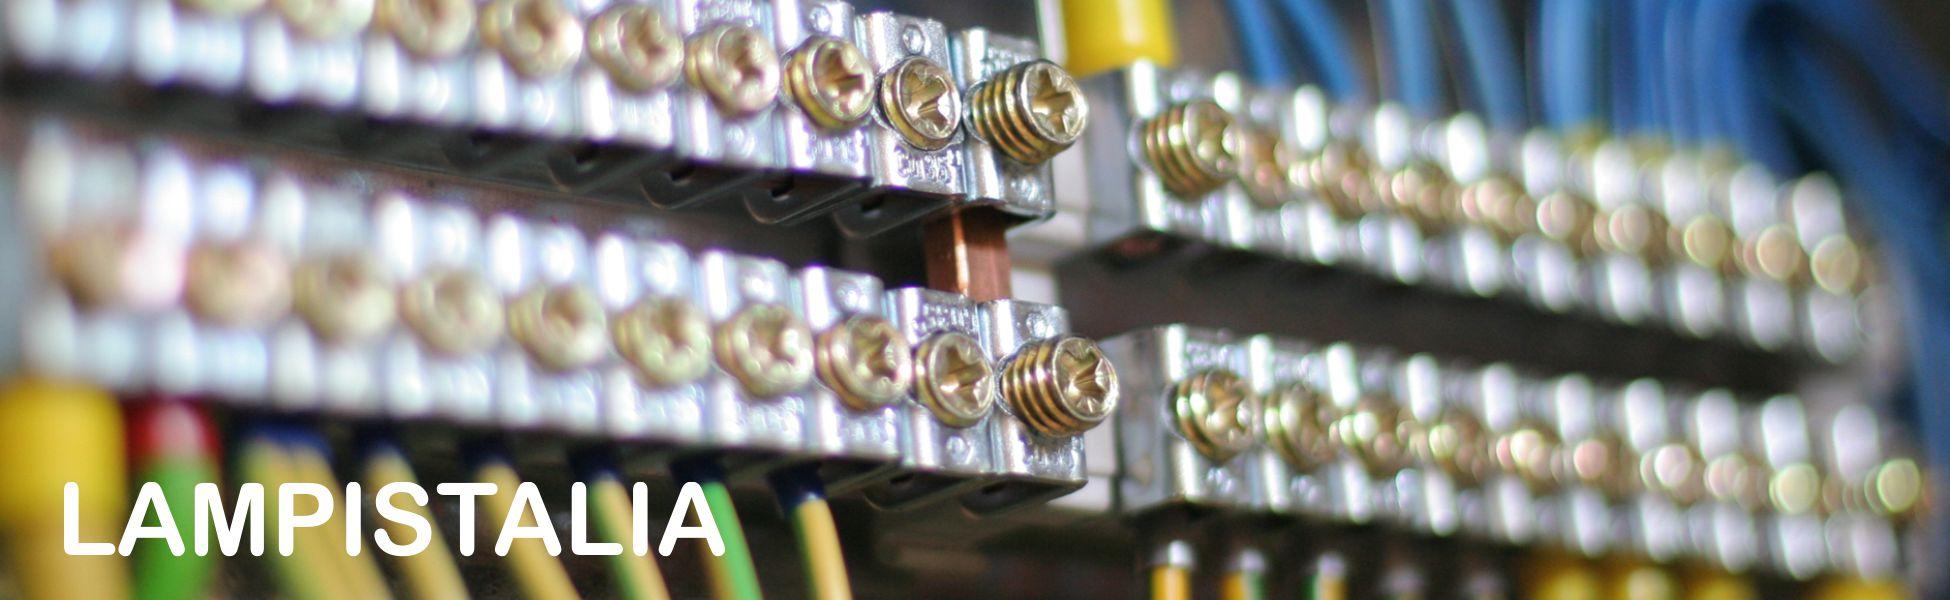 Electricista urgente barcelona 24 horas lampistalia com - Fontanero 24 horas barcelona ...